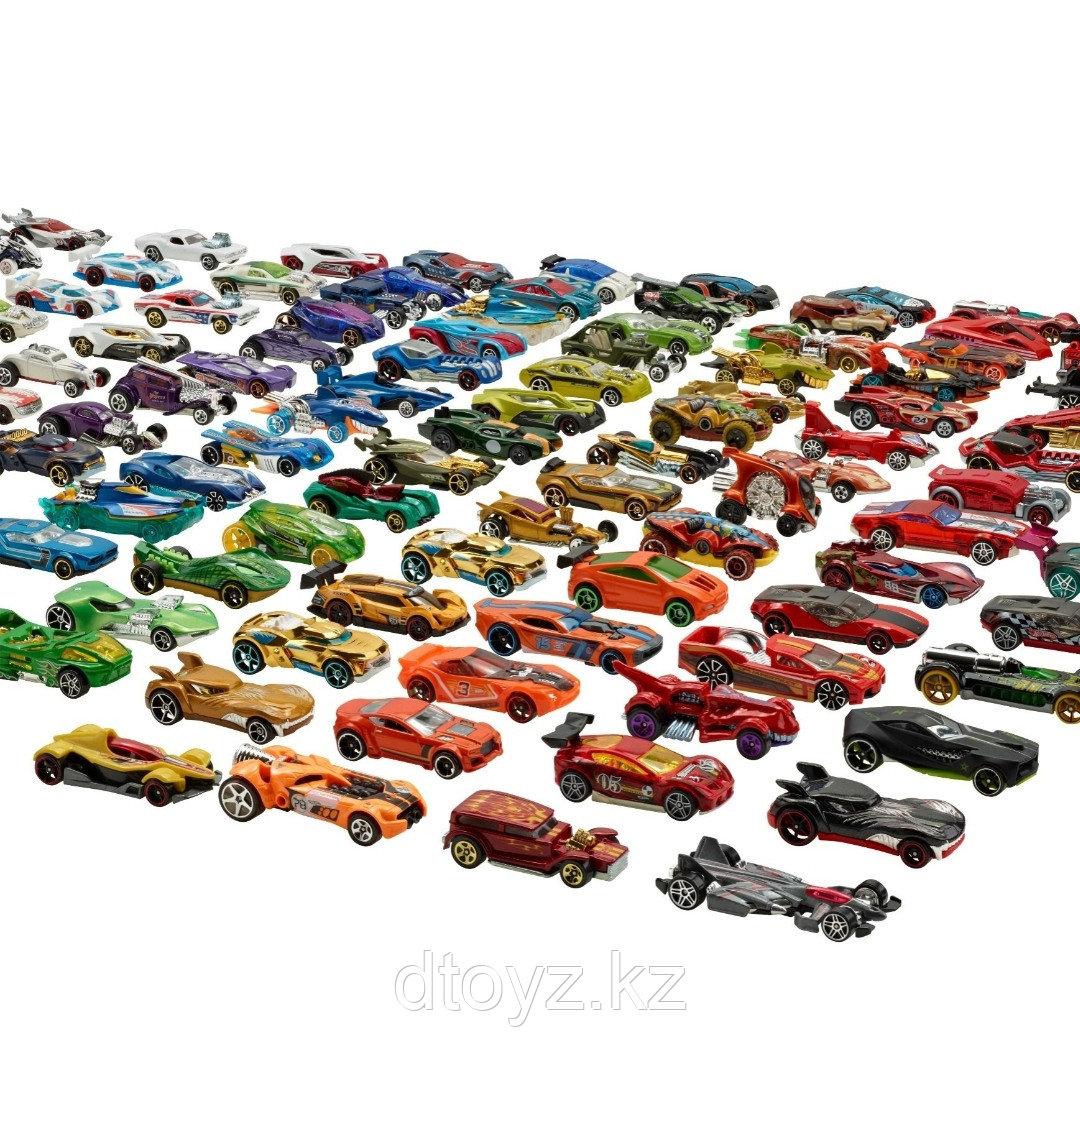 Hot Wheels 5785 Базовые модели автомобилей в ассортименте более 72 видов